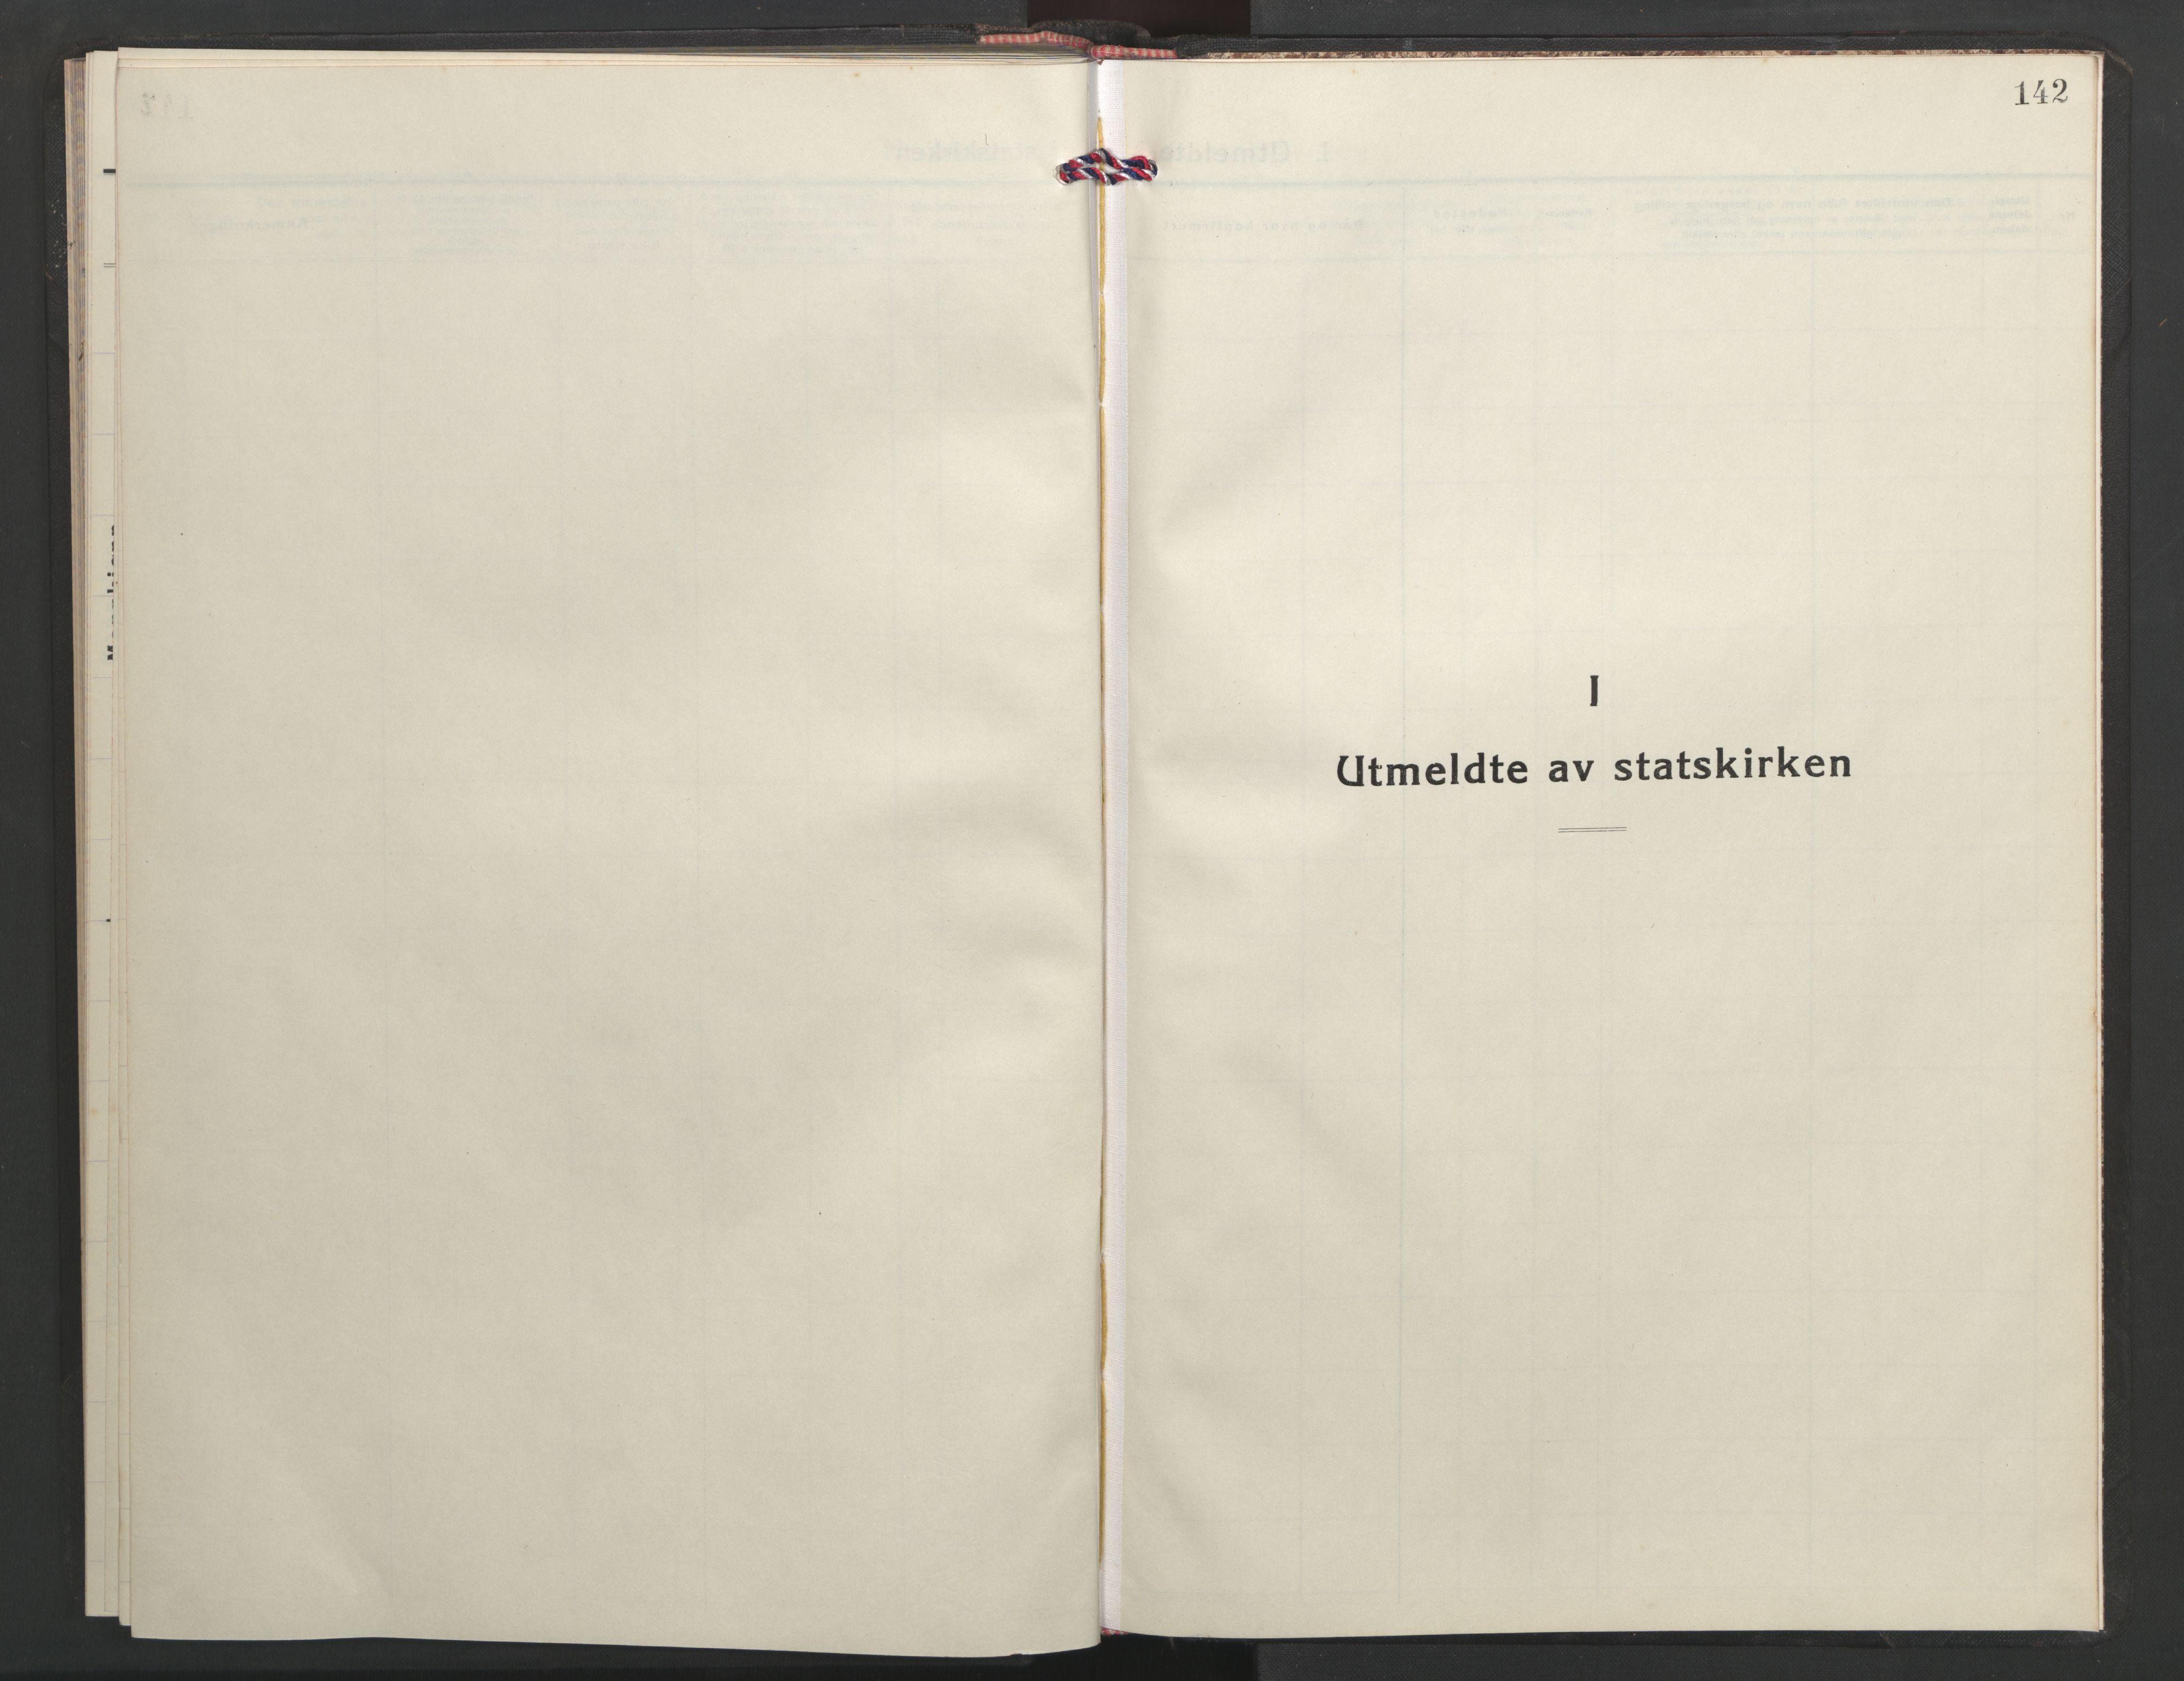 SAT, Ministerialprotokoller, klokkerbøker og fødselsregistre - Sør-Trøndelag, 635/L0556: Klokkerbok nr. 635C04, 1943-1945, s. 142